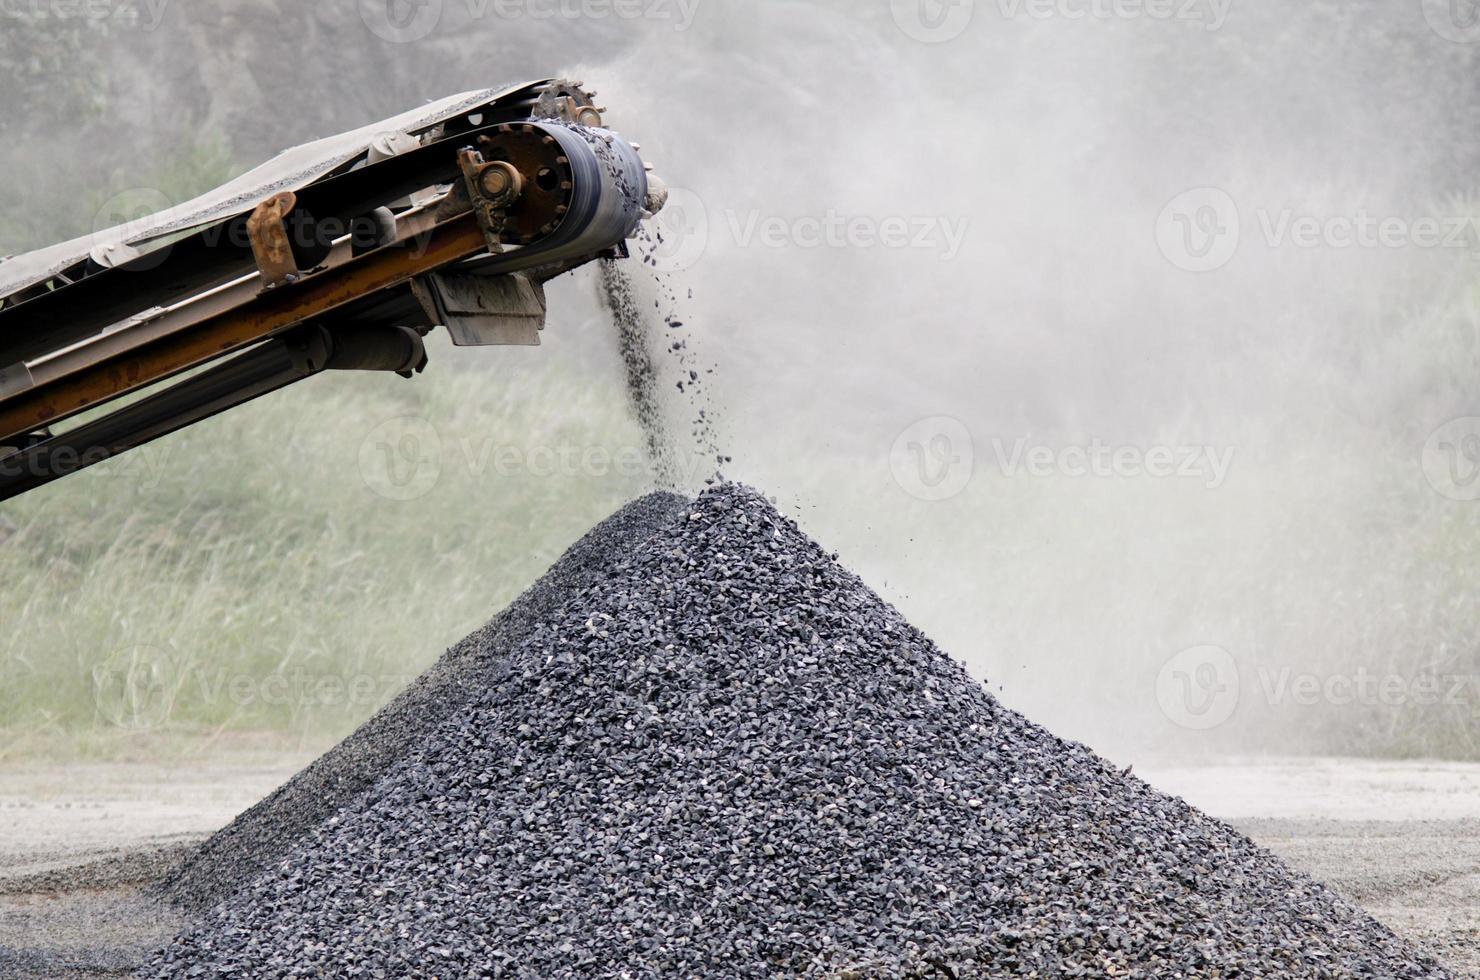 Gravel machine photo